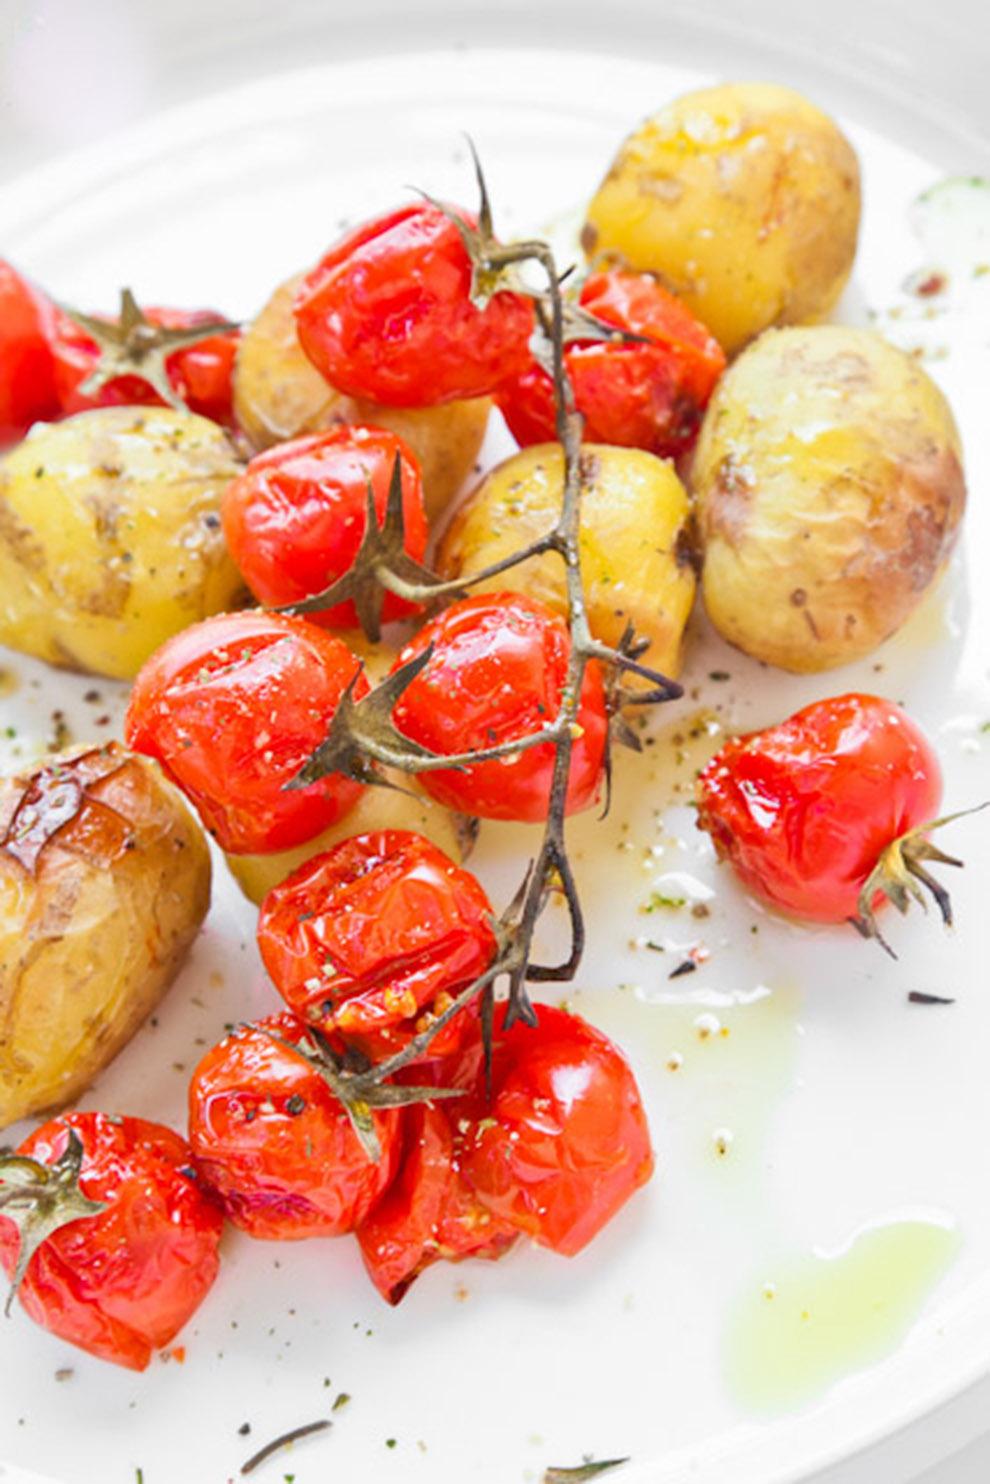 BiteDelite-mlode-ziemniaki-z-pomidorami-koktajlowymi-0698